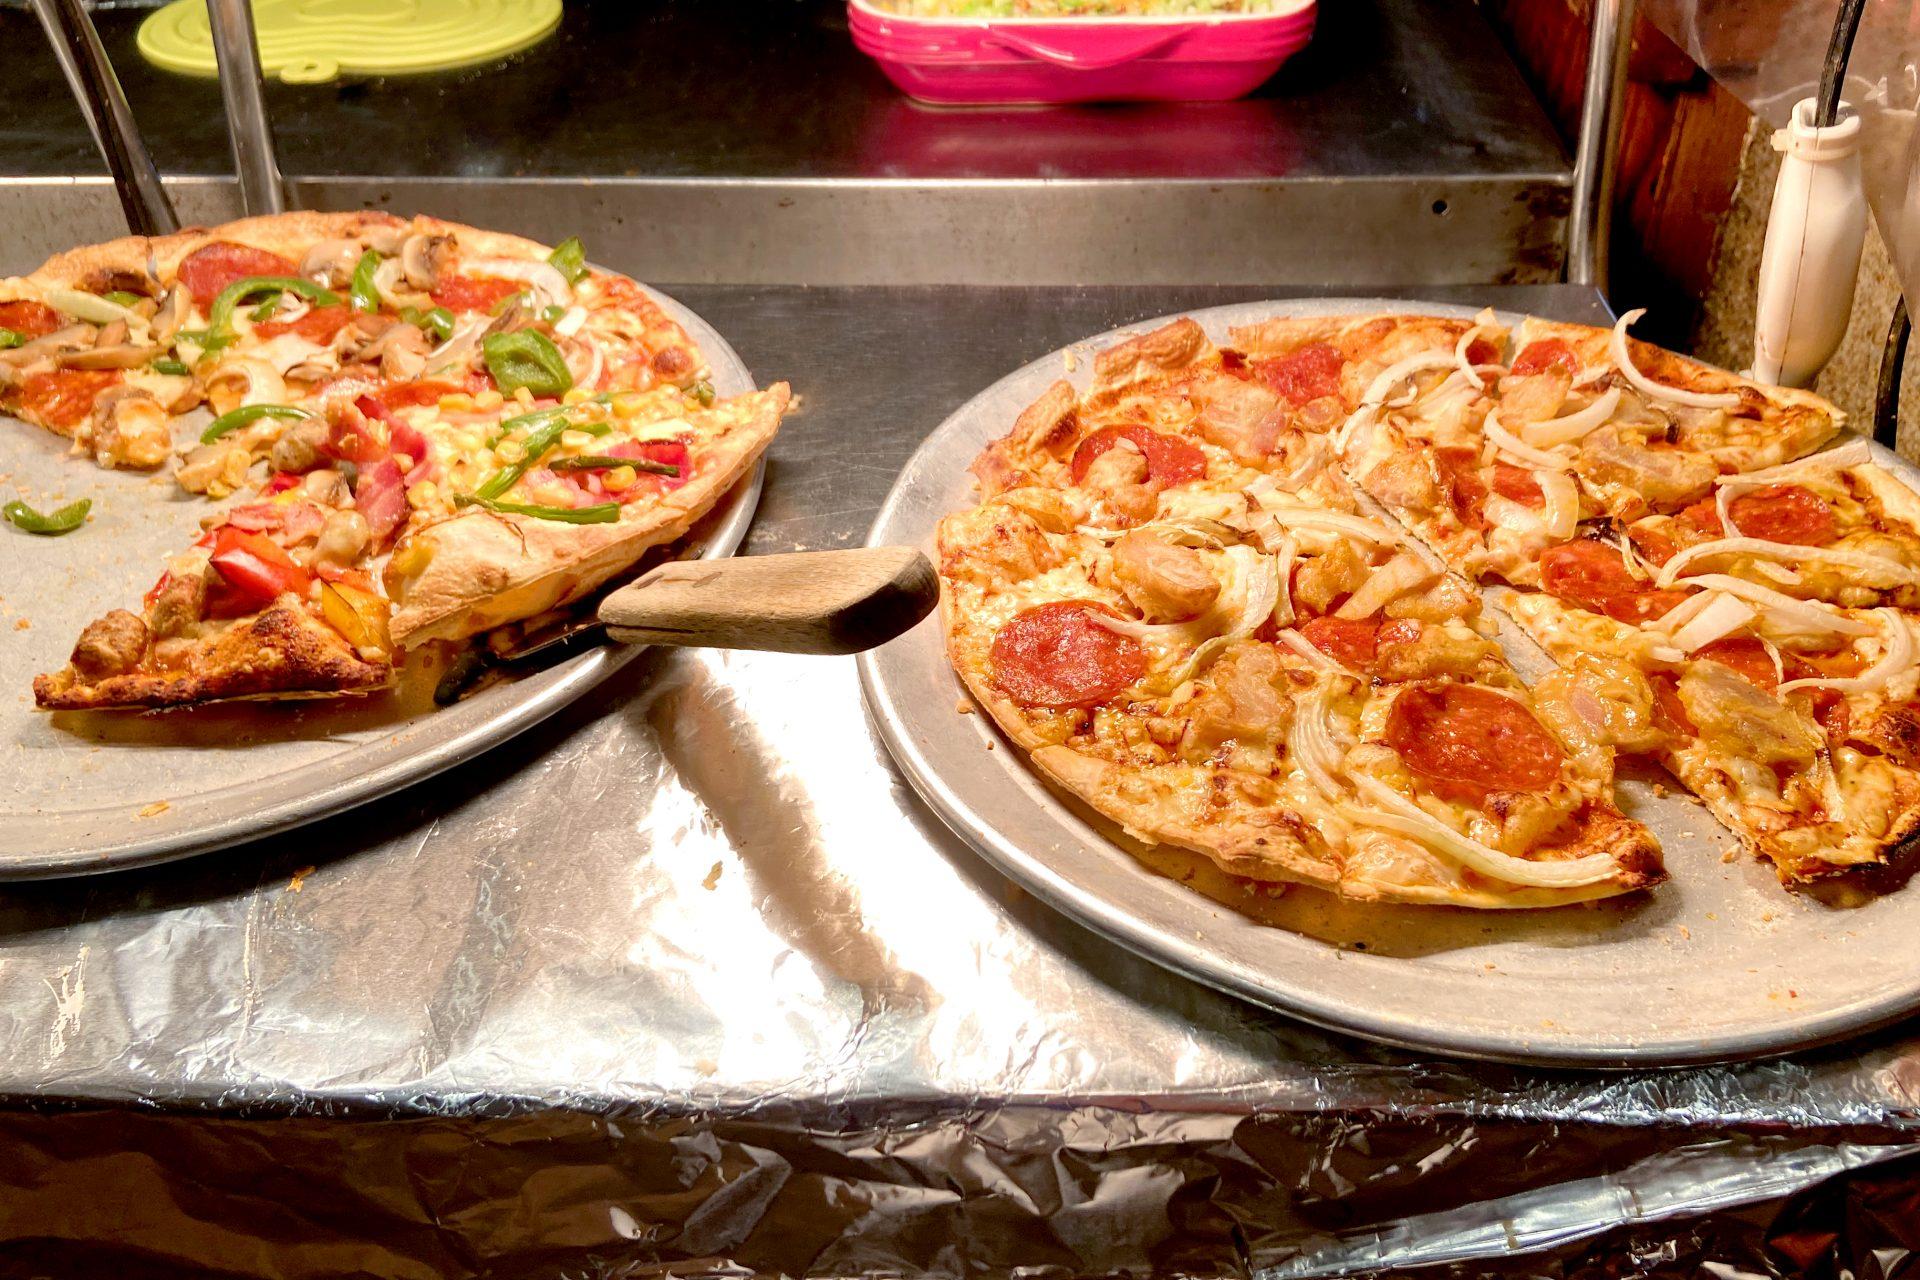 ピザは常時4~6種類取り揃えており、焼きたてピザが次々運ばれてくるため、ピザ好きにはたまらないでしょう。